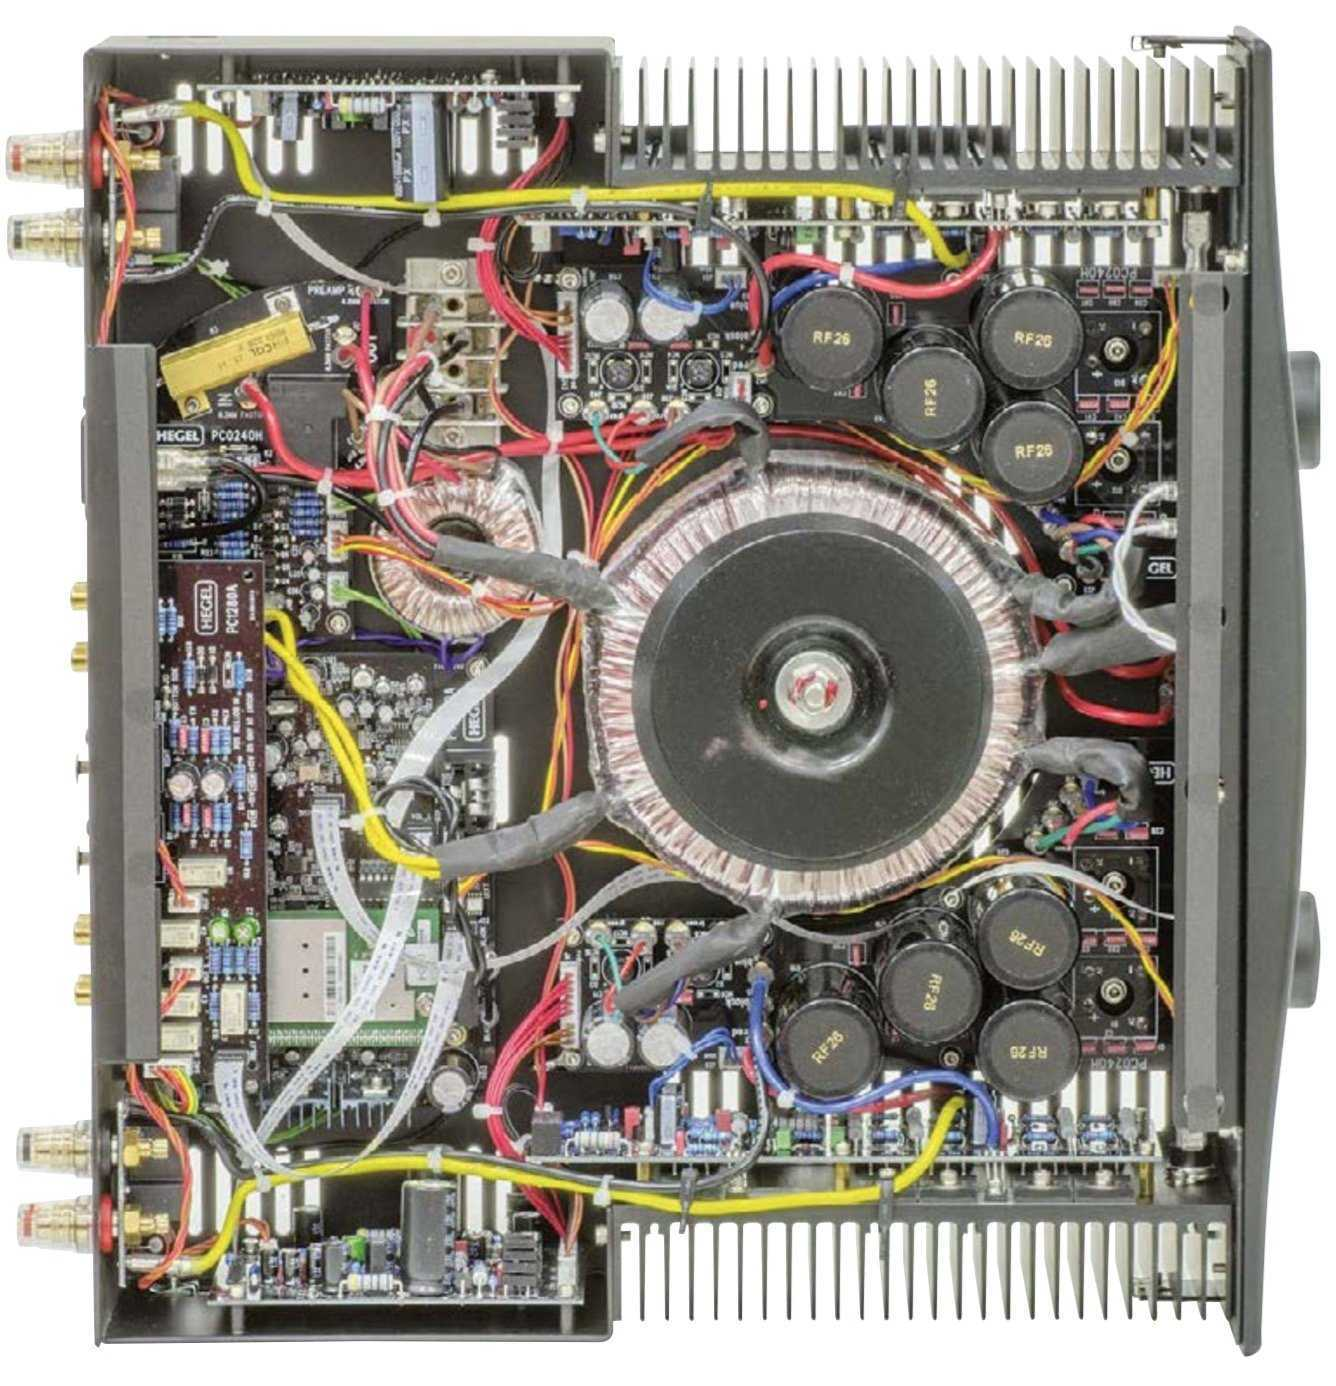 La prova dell'integrato HEGEL H360 di Audioreview